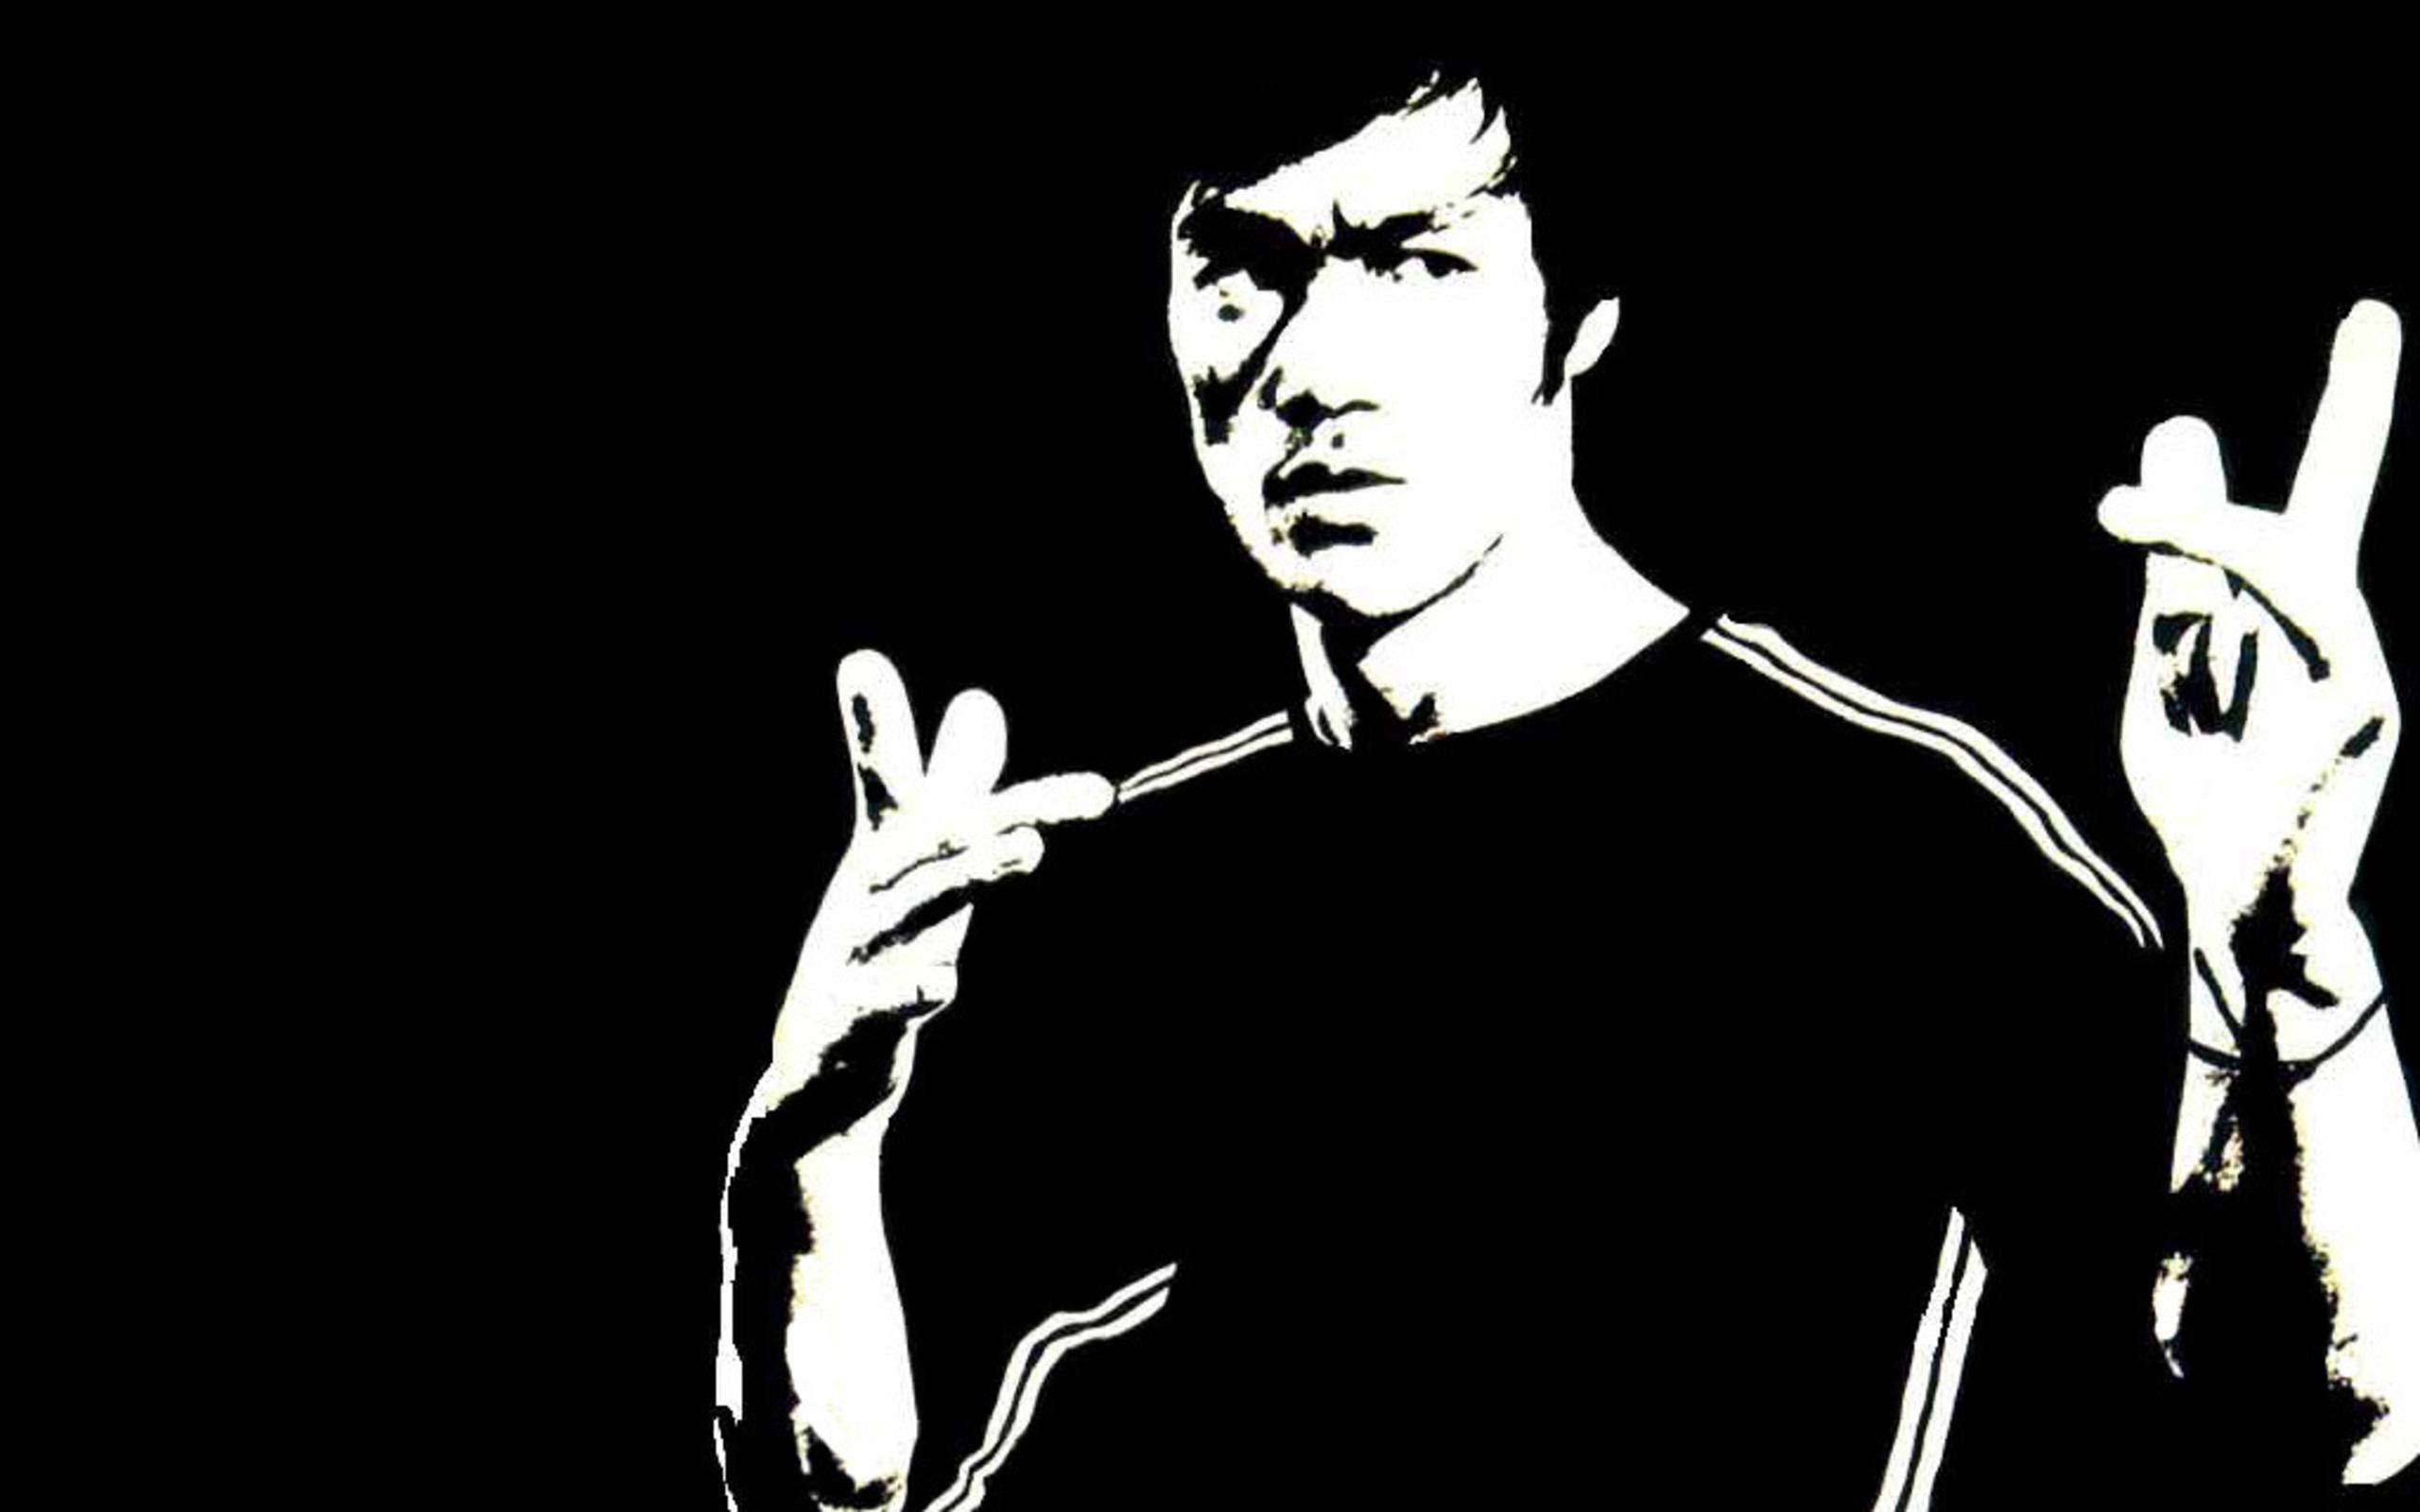 Bruce Lee Images Free Download | PixelsTalk Net